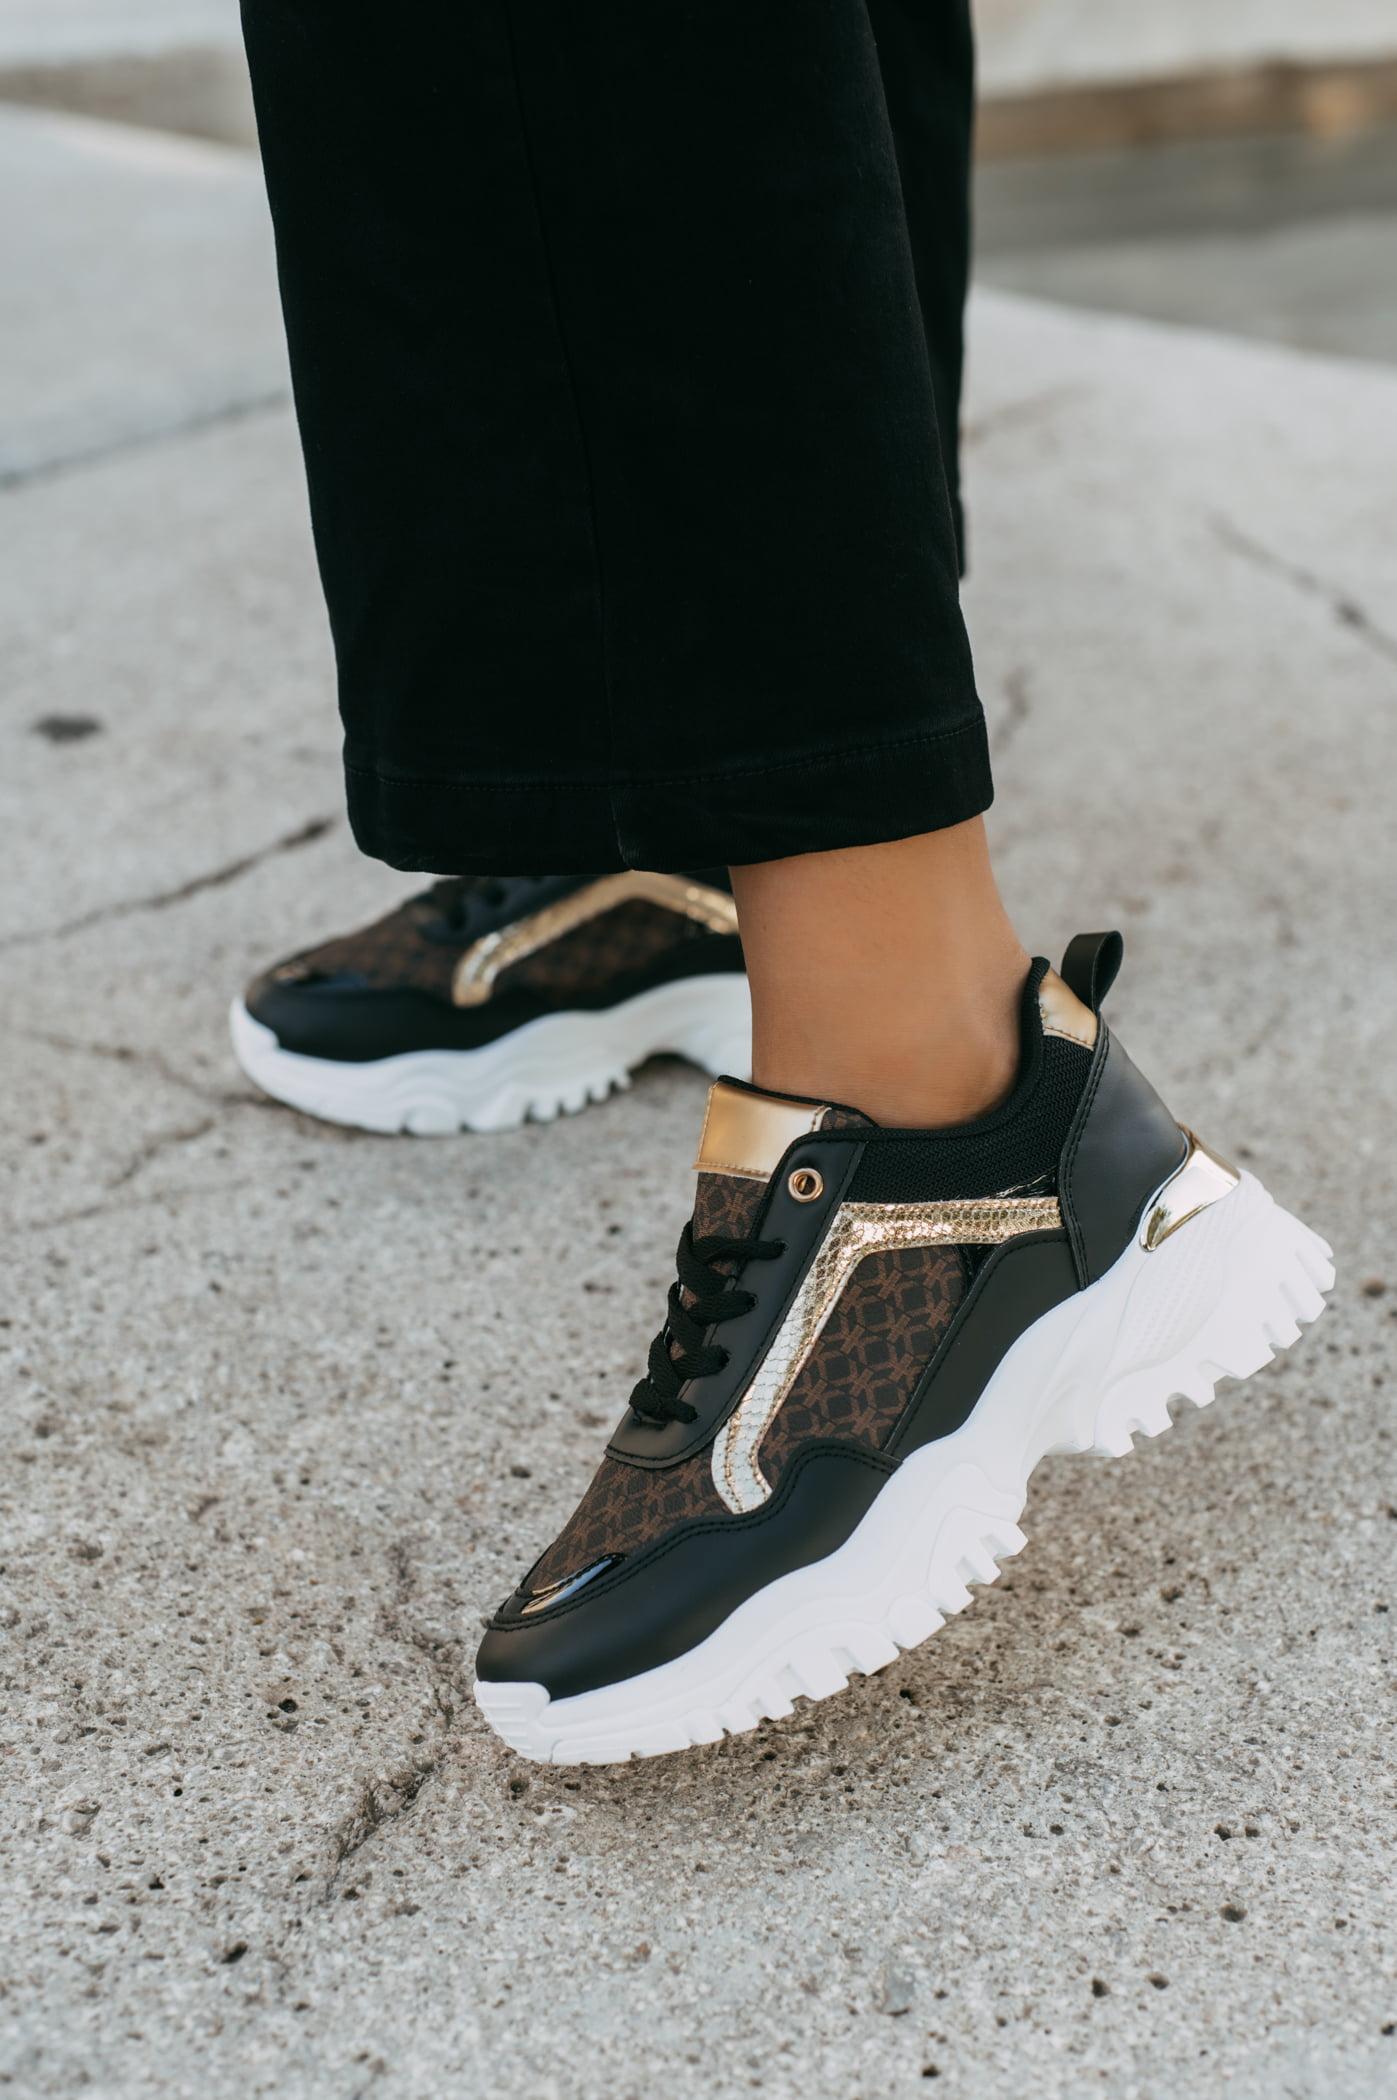 antithesis-clothing-sneakers-me-sxedio-kai-sindiasmo-xrwmatwnm (2)